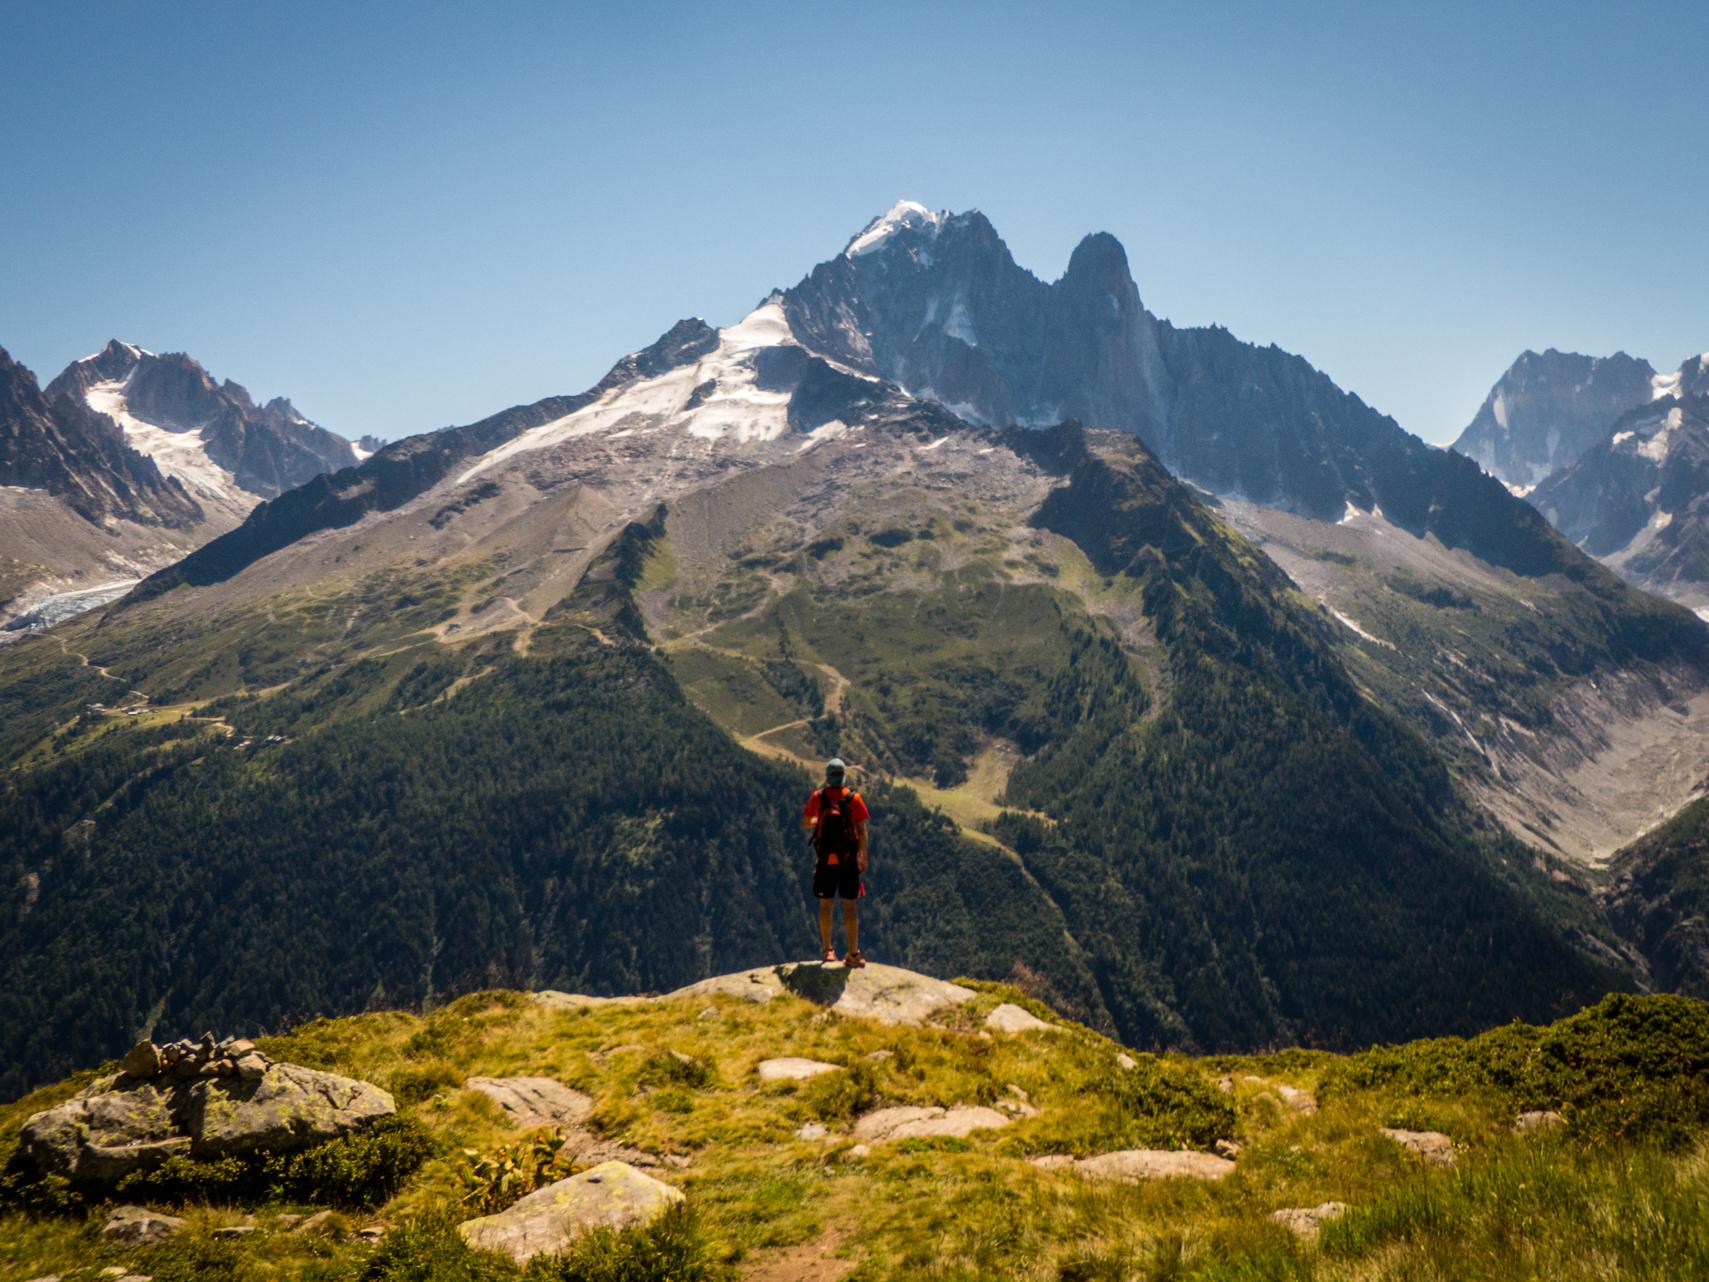 Avouez que c'est quand même beau la montagne